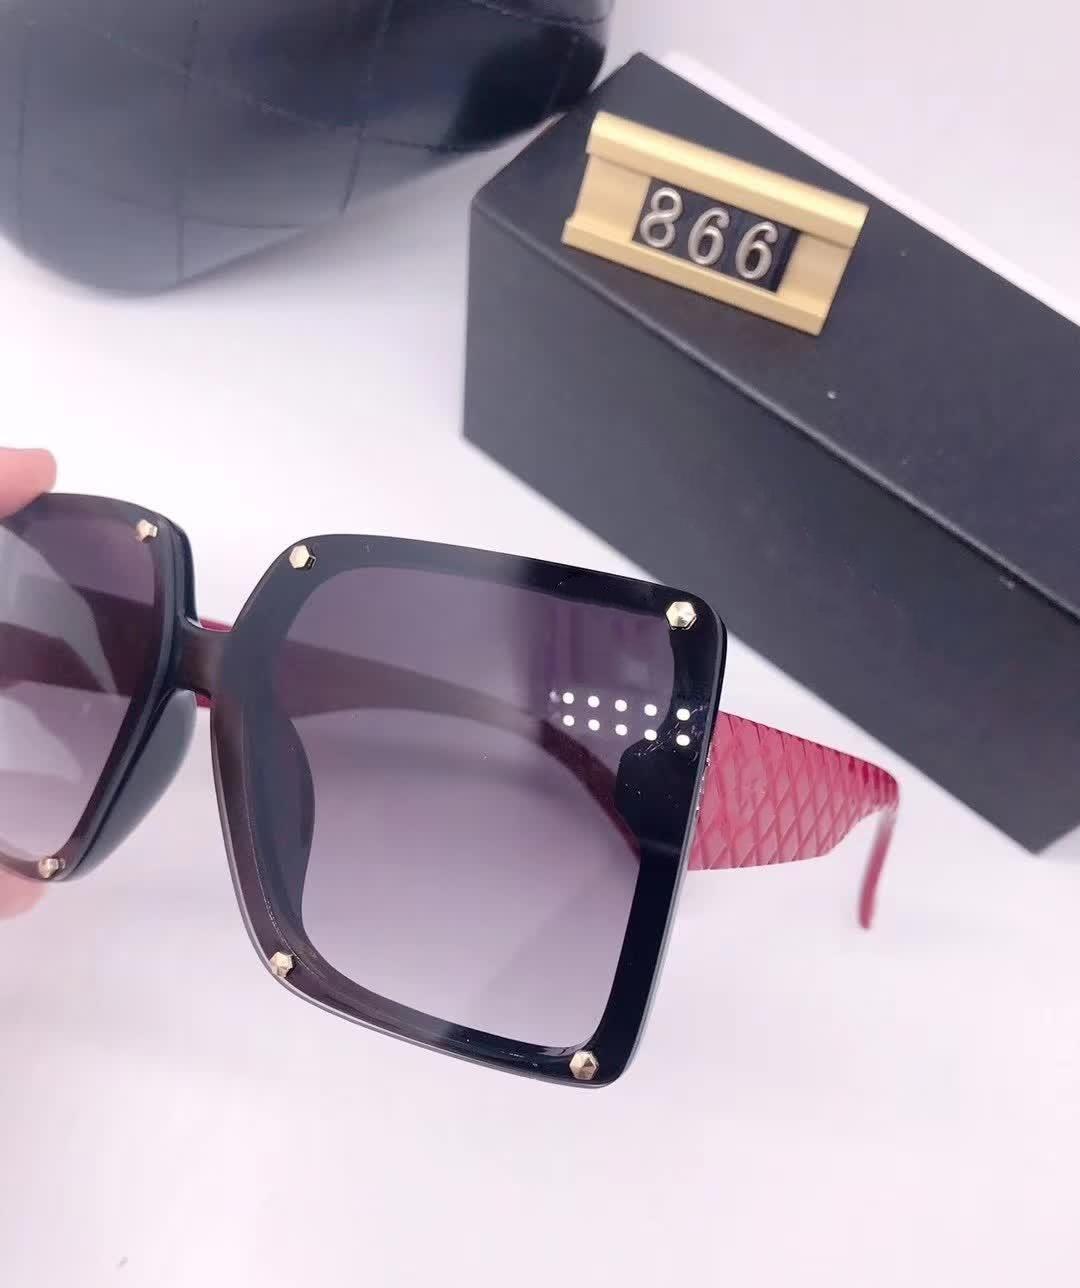 2020 جديد الفاخرة أعلى جودة الكلاسيكية مربع النظارات الشمسية مصمم ماركة أزياء رجالي إمرأة نظارات الشمس النظارات العدسات الزجاج المعدنية 866